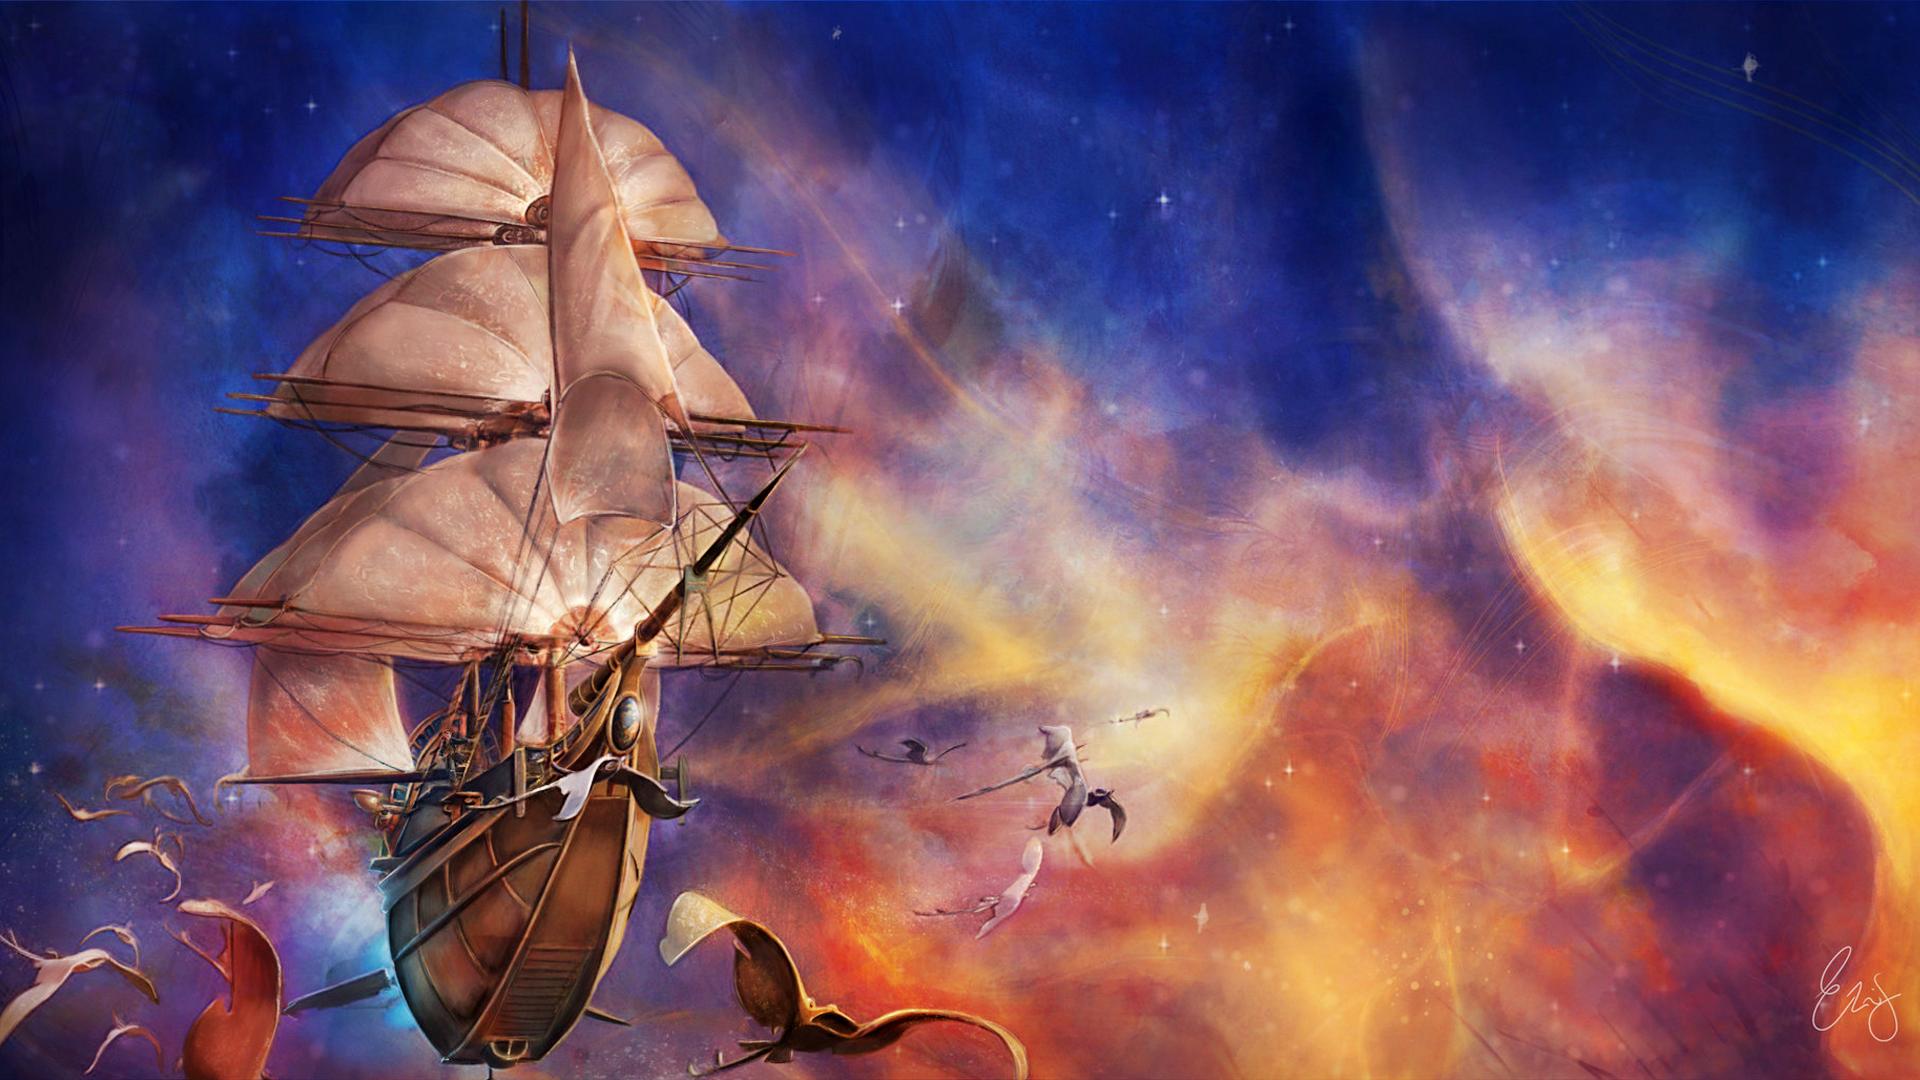 кратковременный, пробуждение фэнтези картинки парусные корабли в космосе ваша свадьба